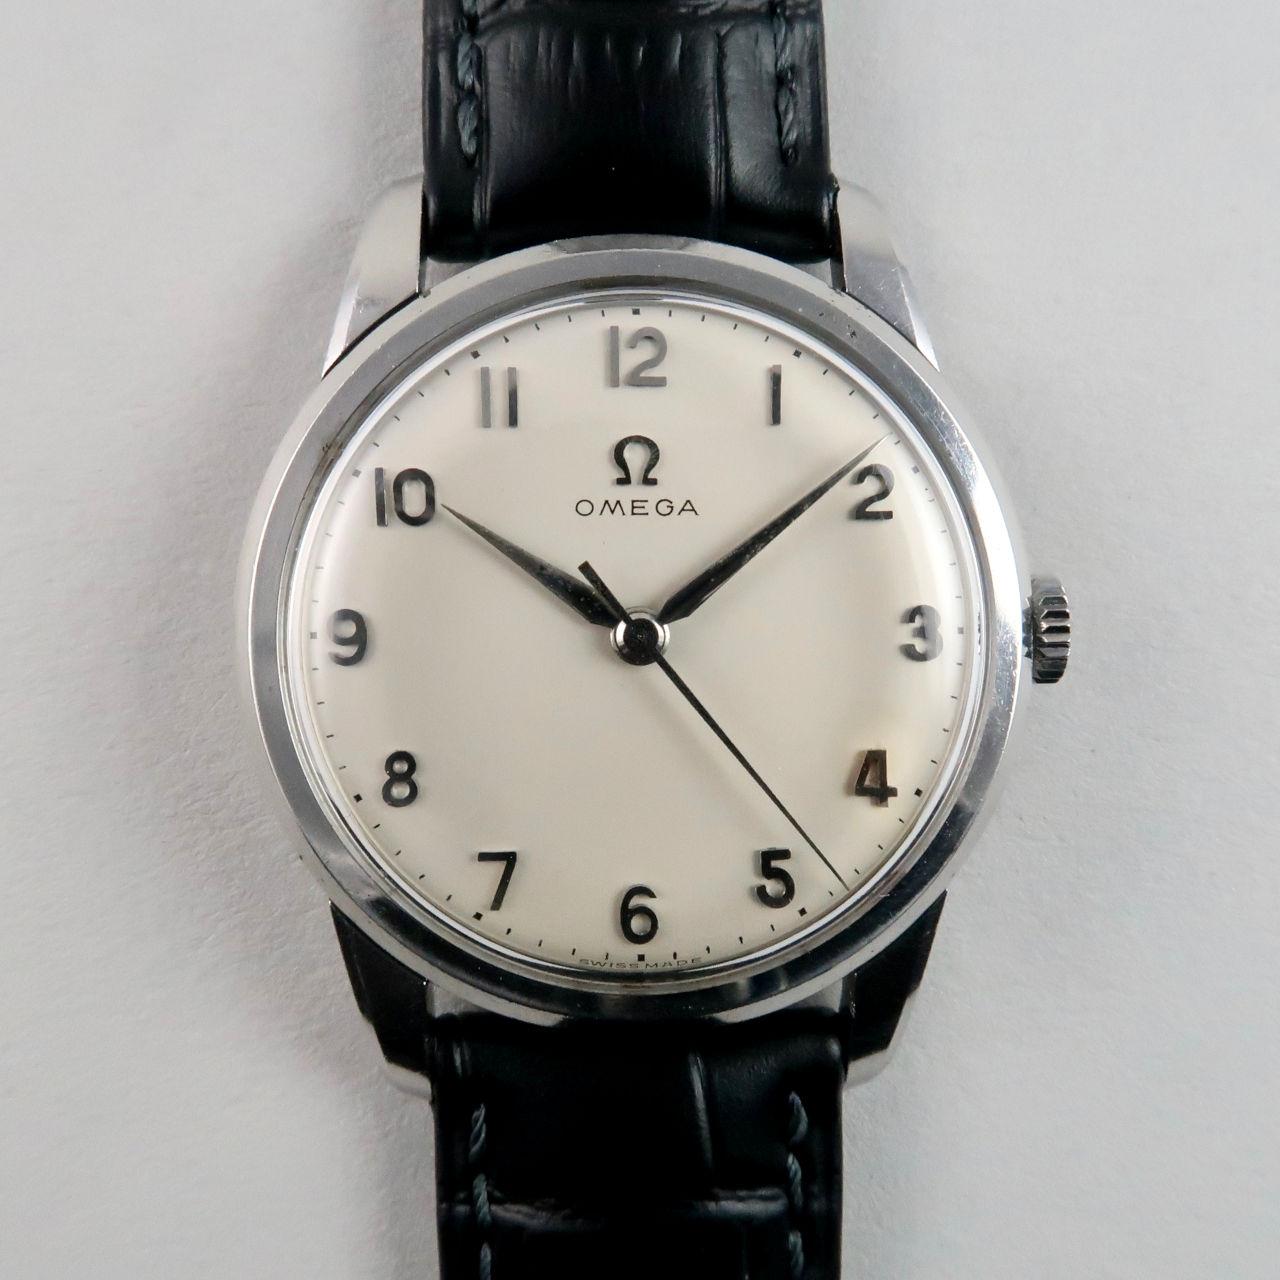 omega-ref-14726-1-sc-steel-vintage-wristwatch-circa-1959-wyofa-v01